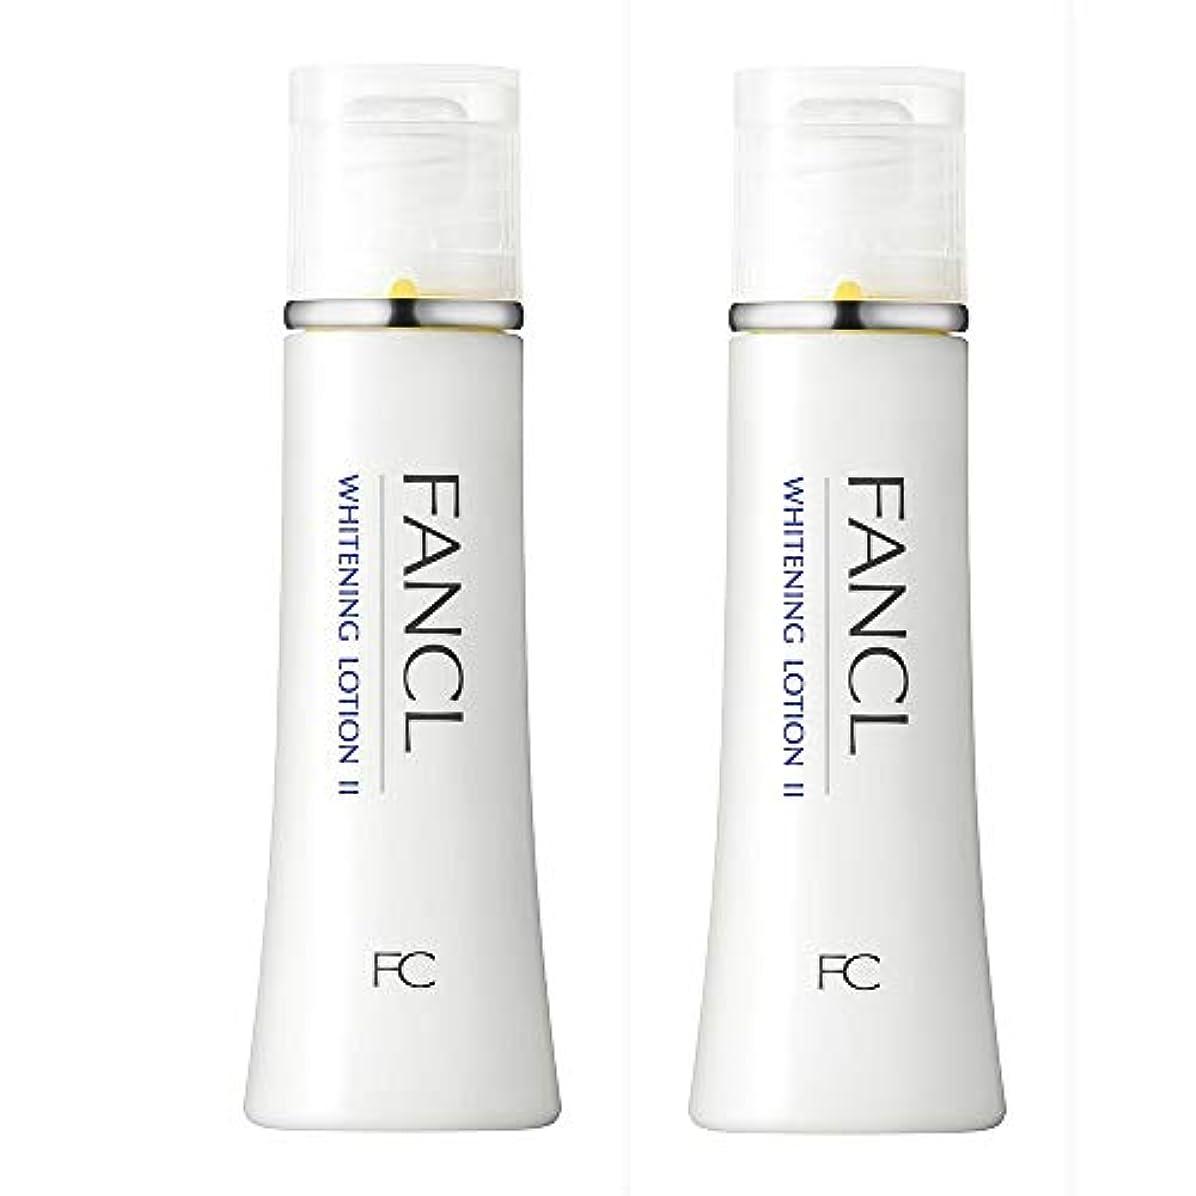 耐えられる種ブームファンケル(FANCL) 新ホワイトニング 化粧液 II しっとり 2本セット<医薬部外品>